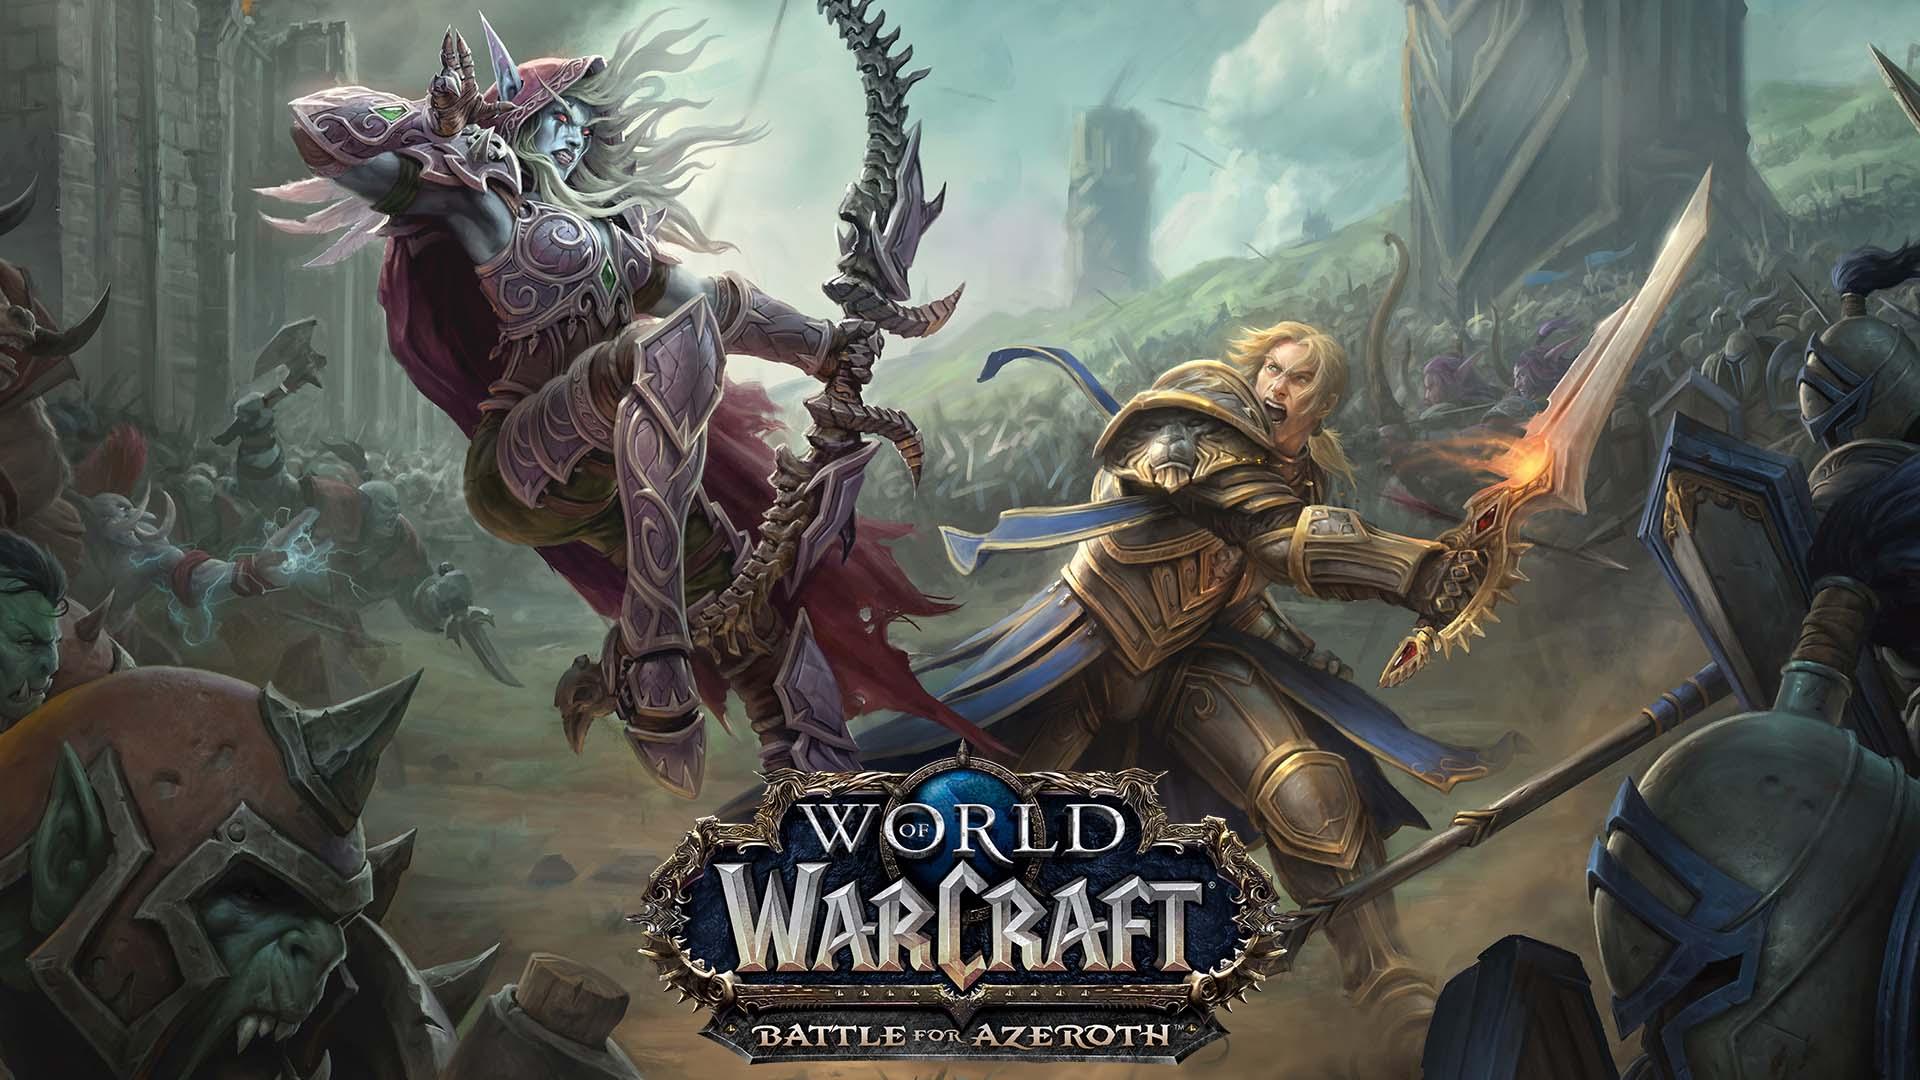 world of warcraft blizzard